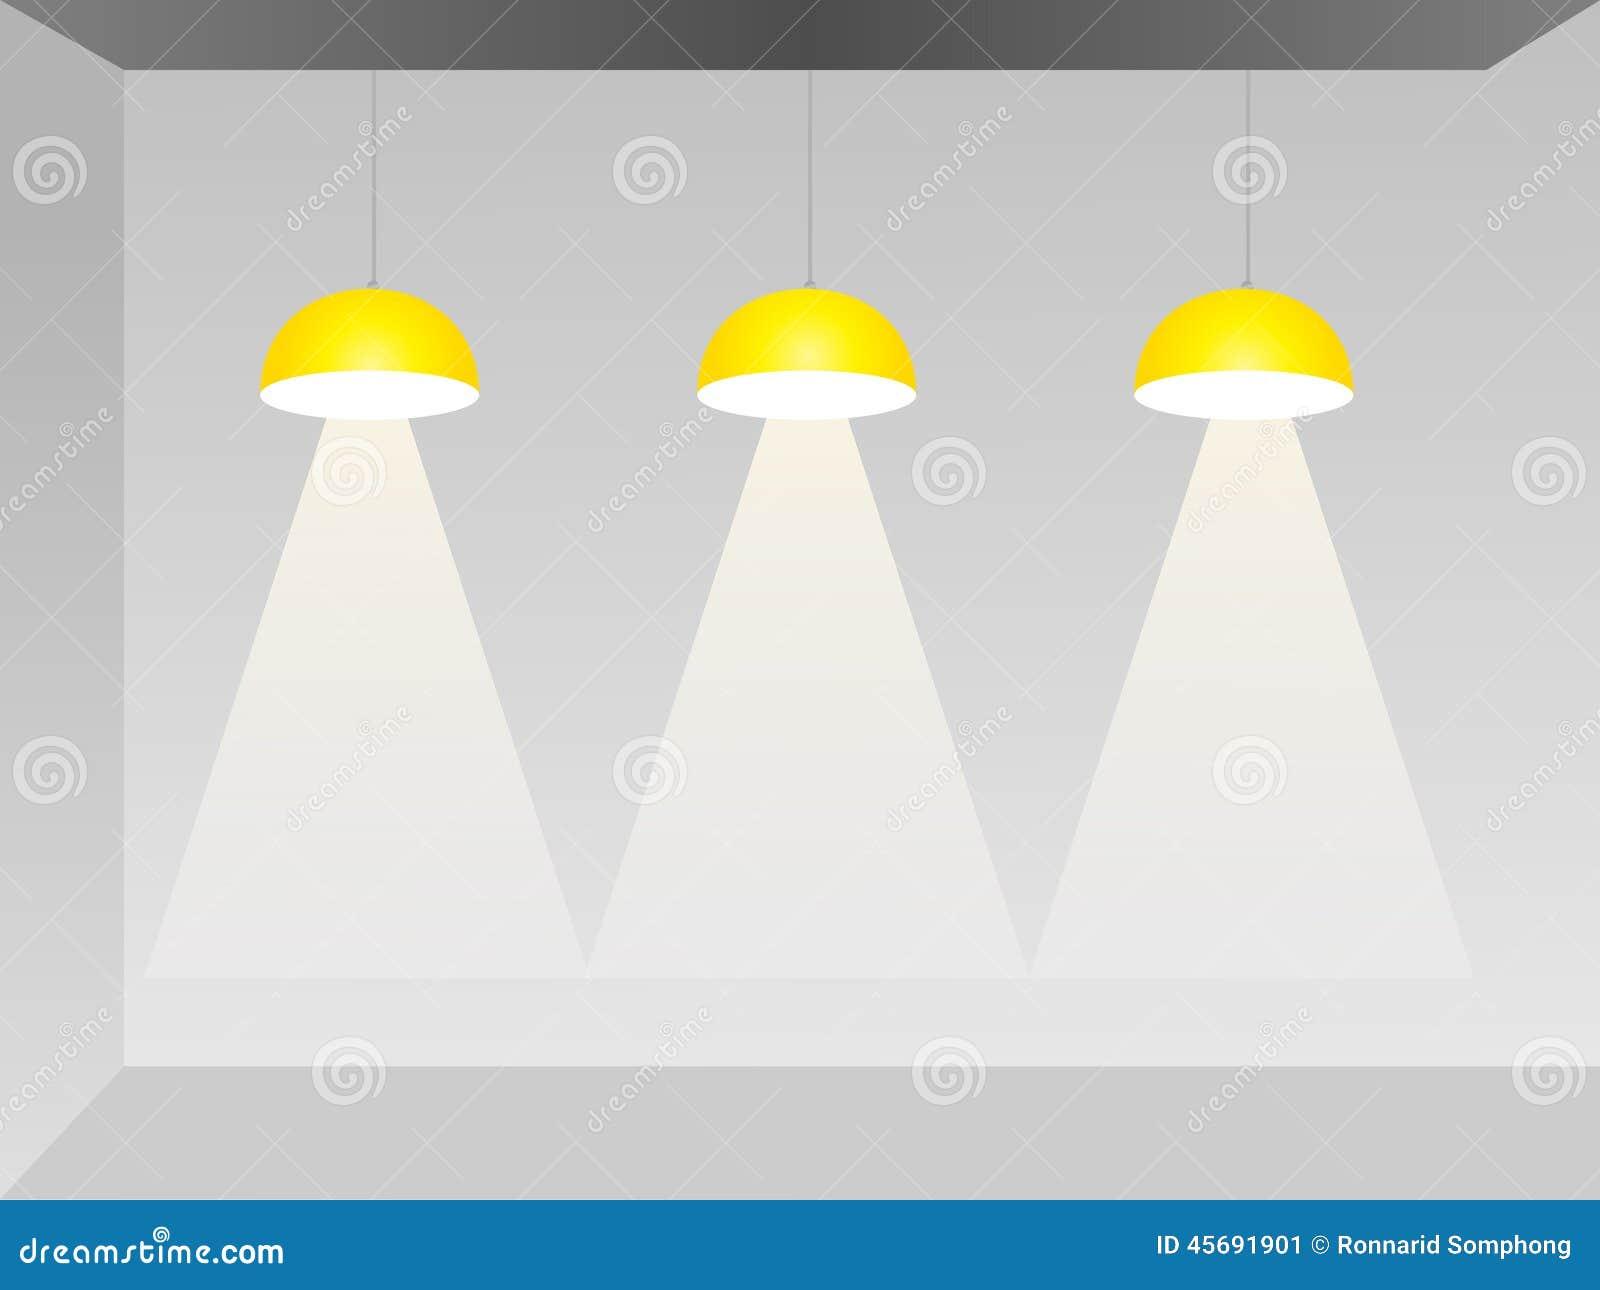 Downlight cartoons illustrations vector stock images for Spotlight design